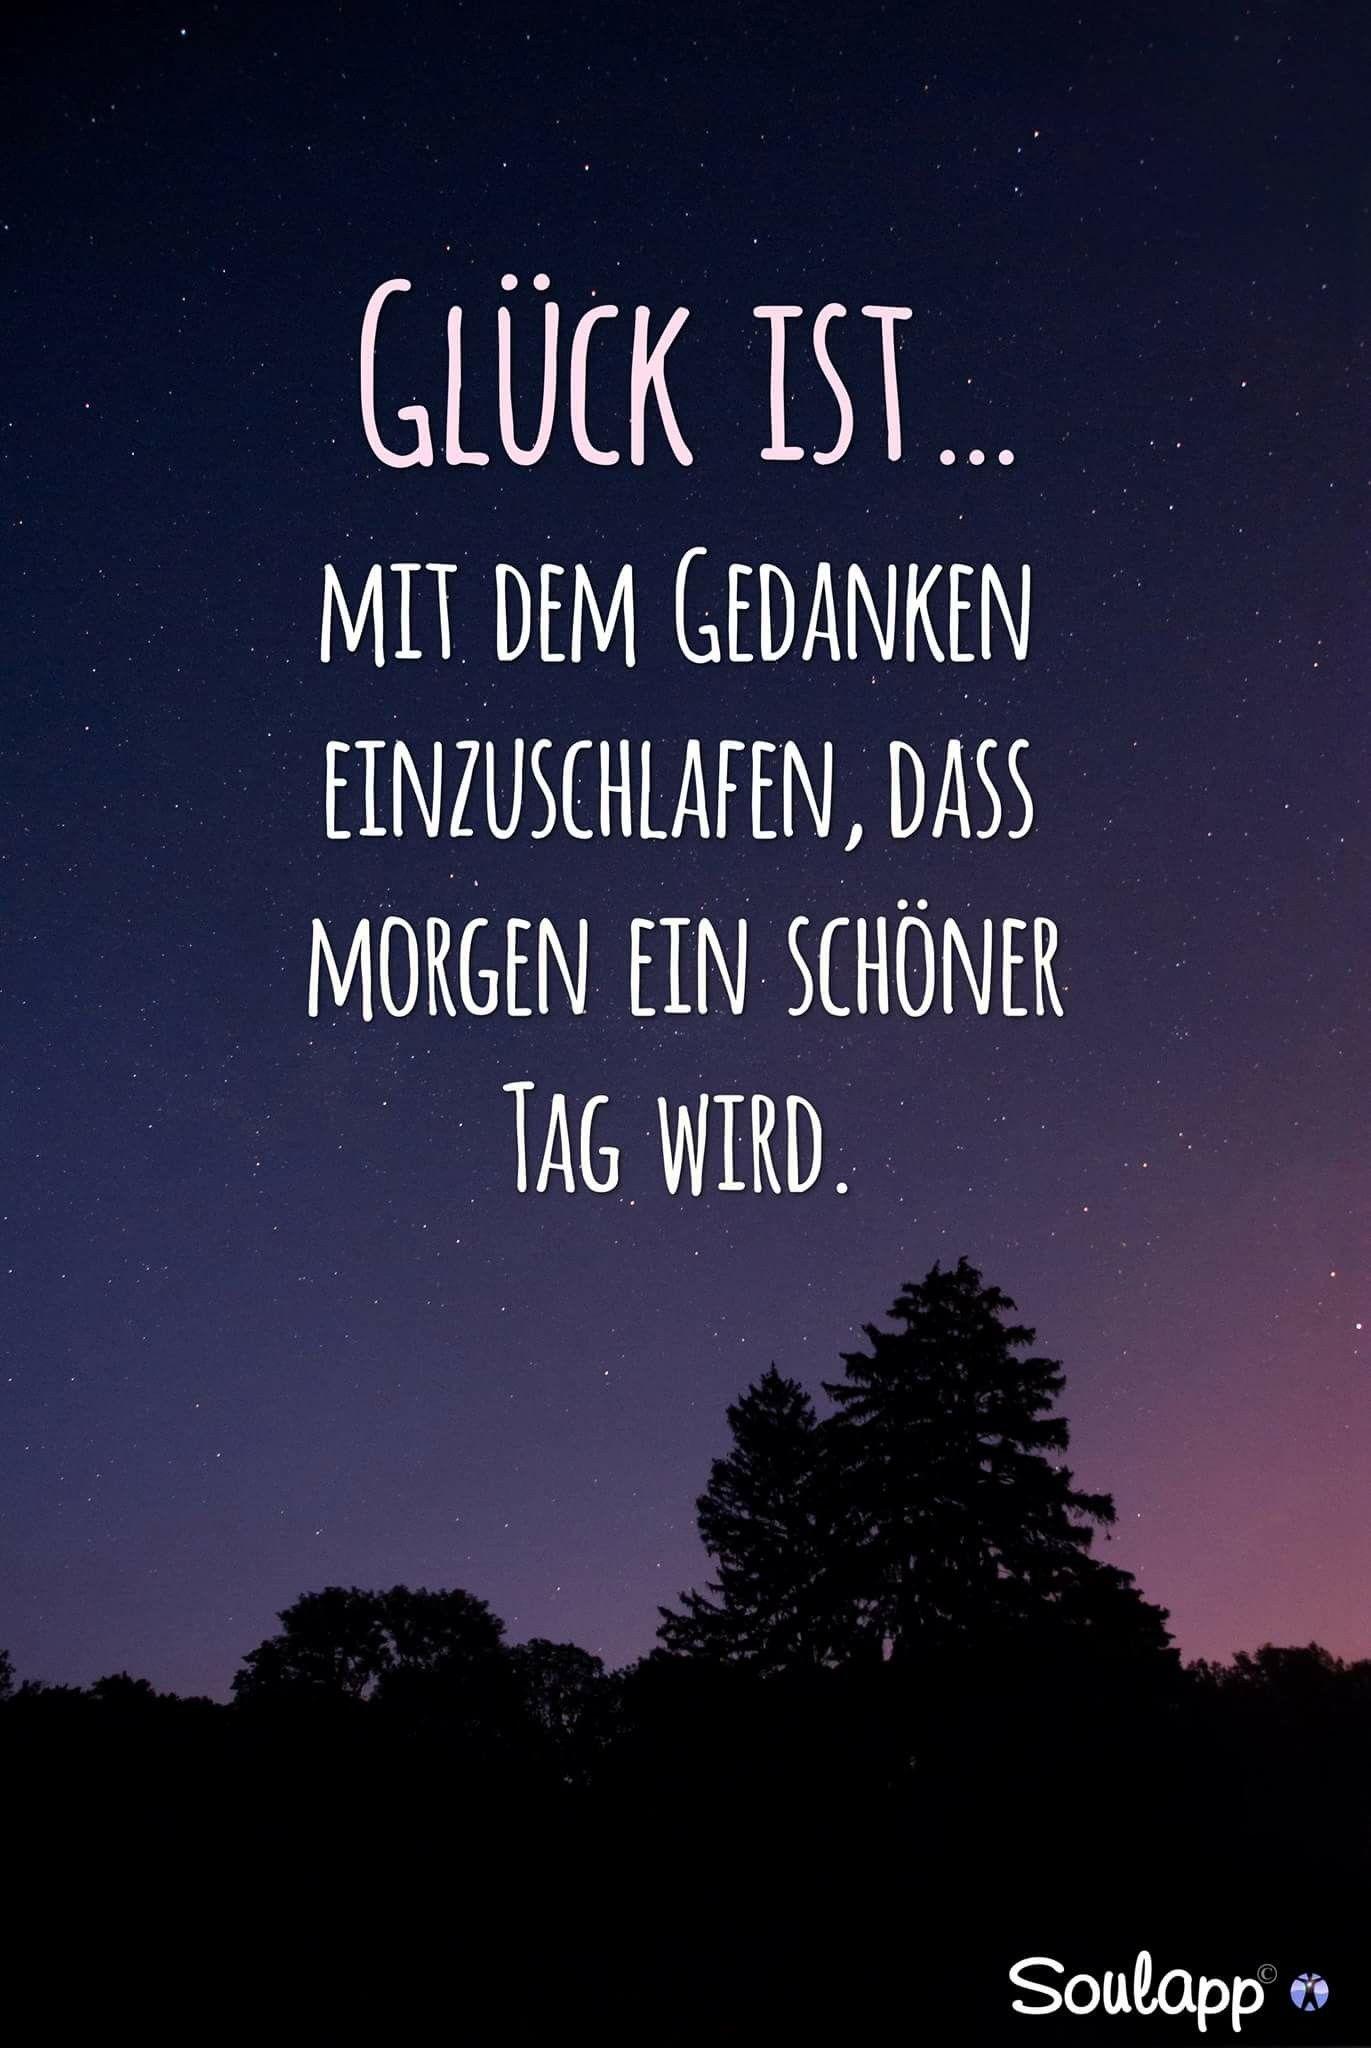 Pin von Markus Tusch auf Memory | Witzige sprüche ...